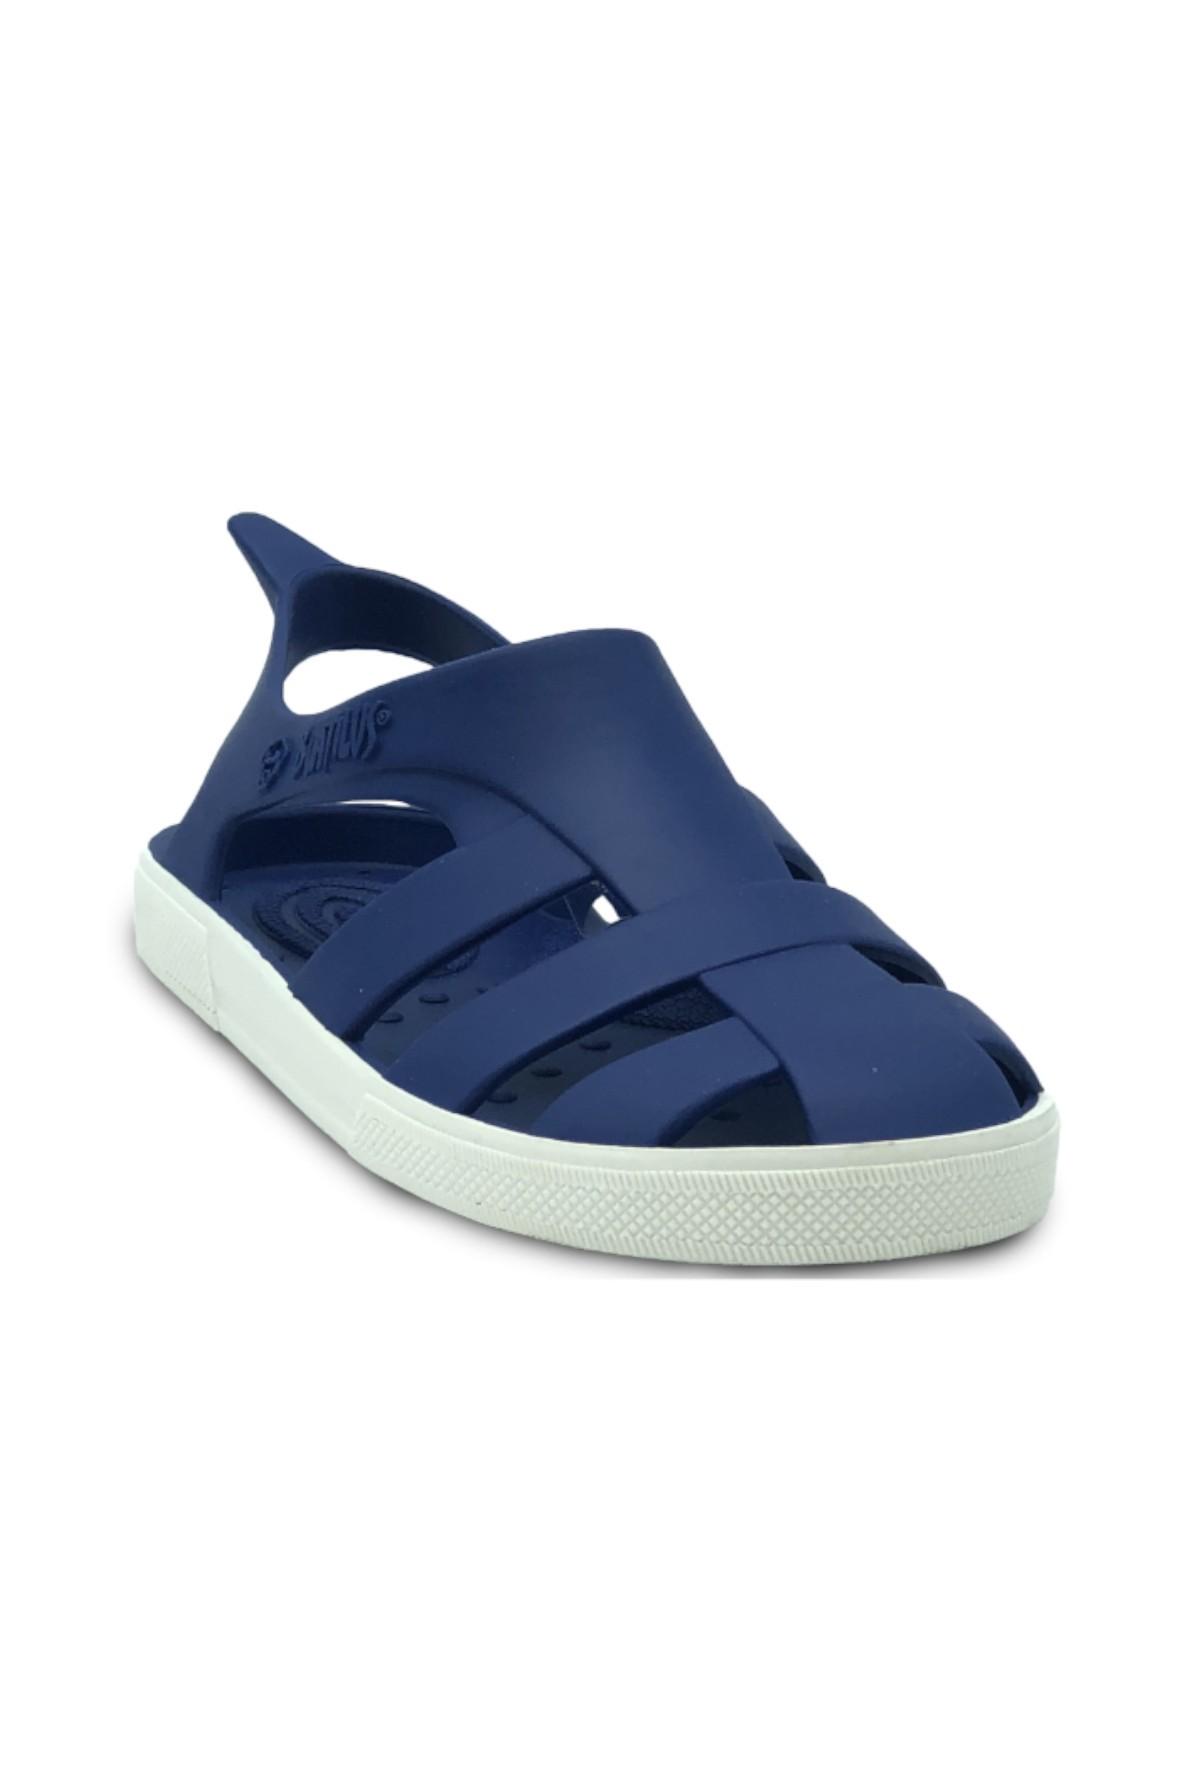 Niebieskie sandały dla dziecka- zapach startej skórki cytryny